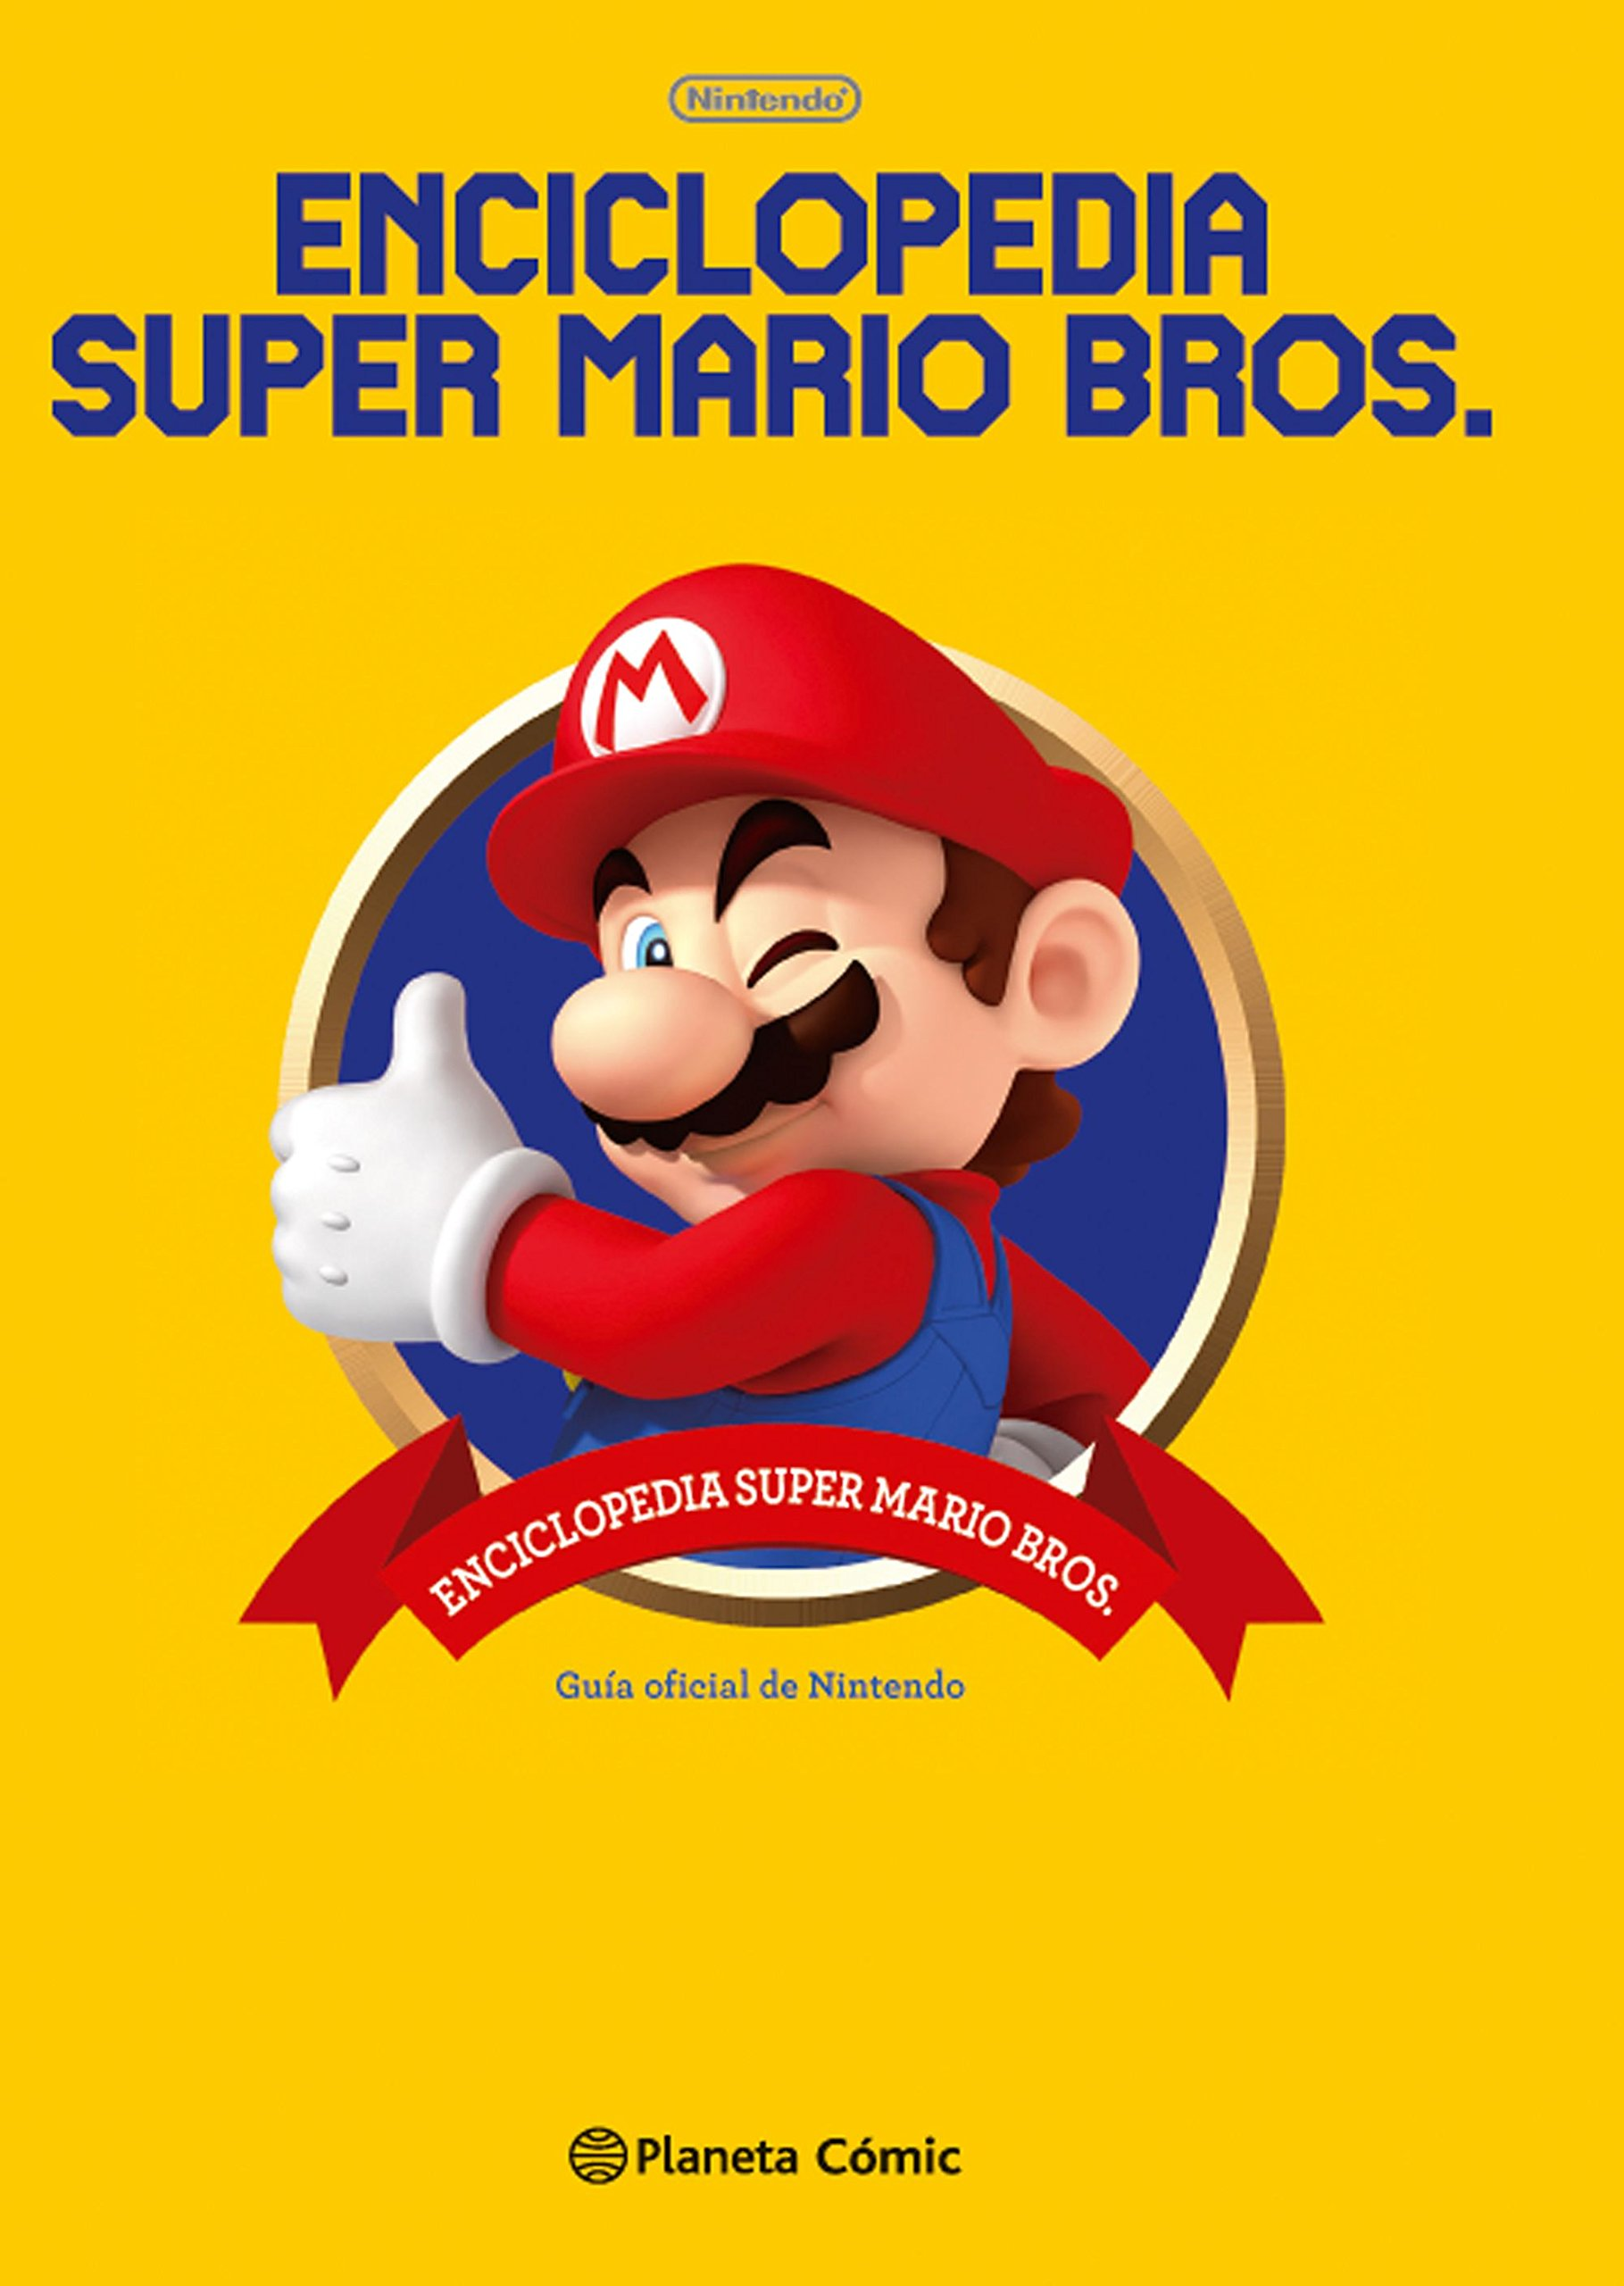 Enciclopedia Super Mario Bros 30ª Aniversario: Guía oficial de Nintendo Manga Artbooks: Amazon.es: AA. VV., Daruma: Libros